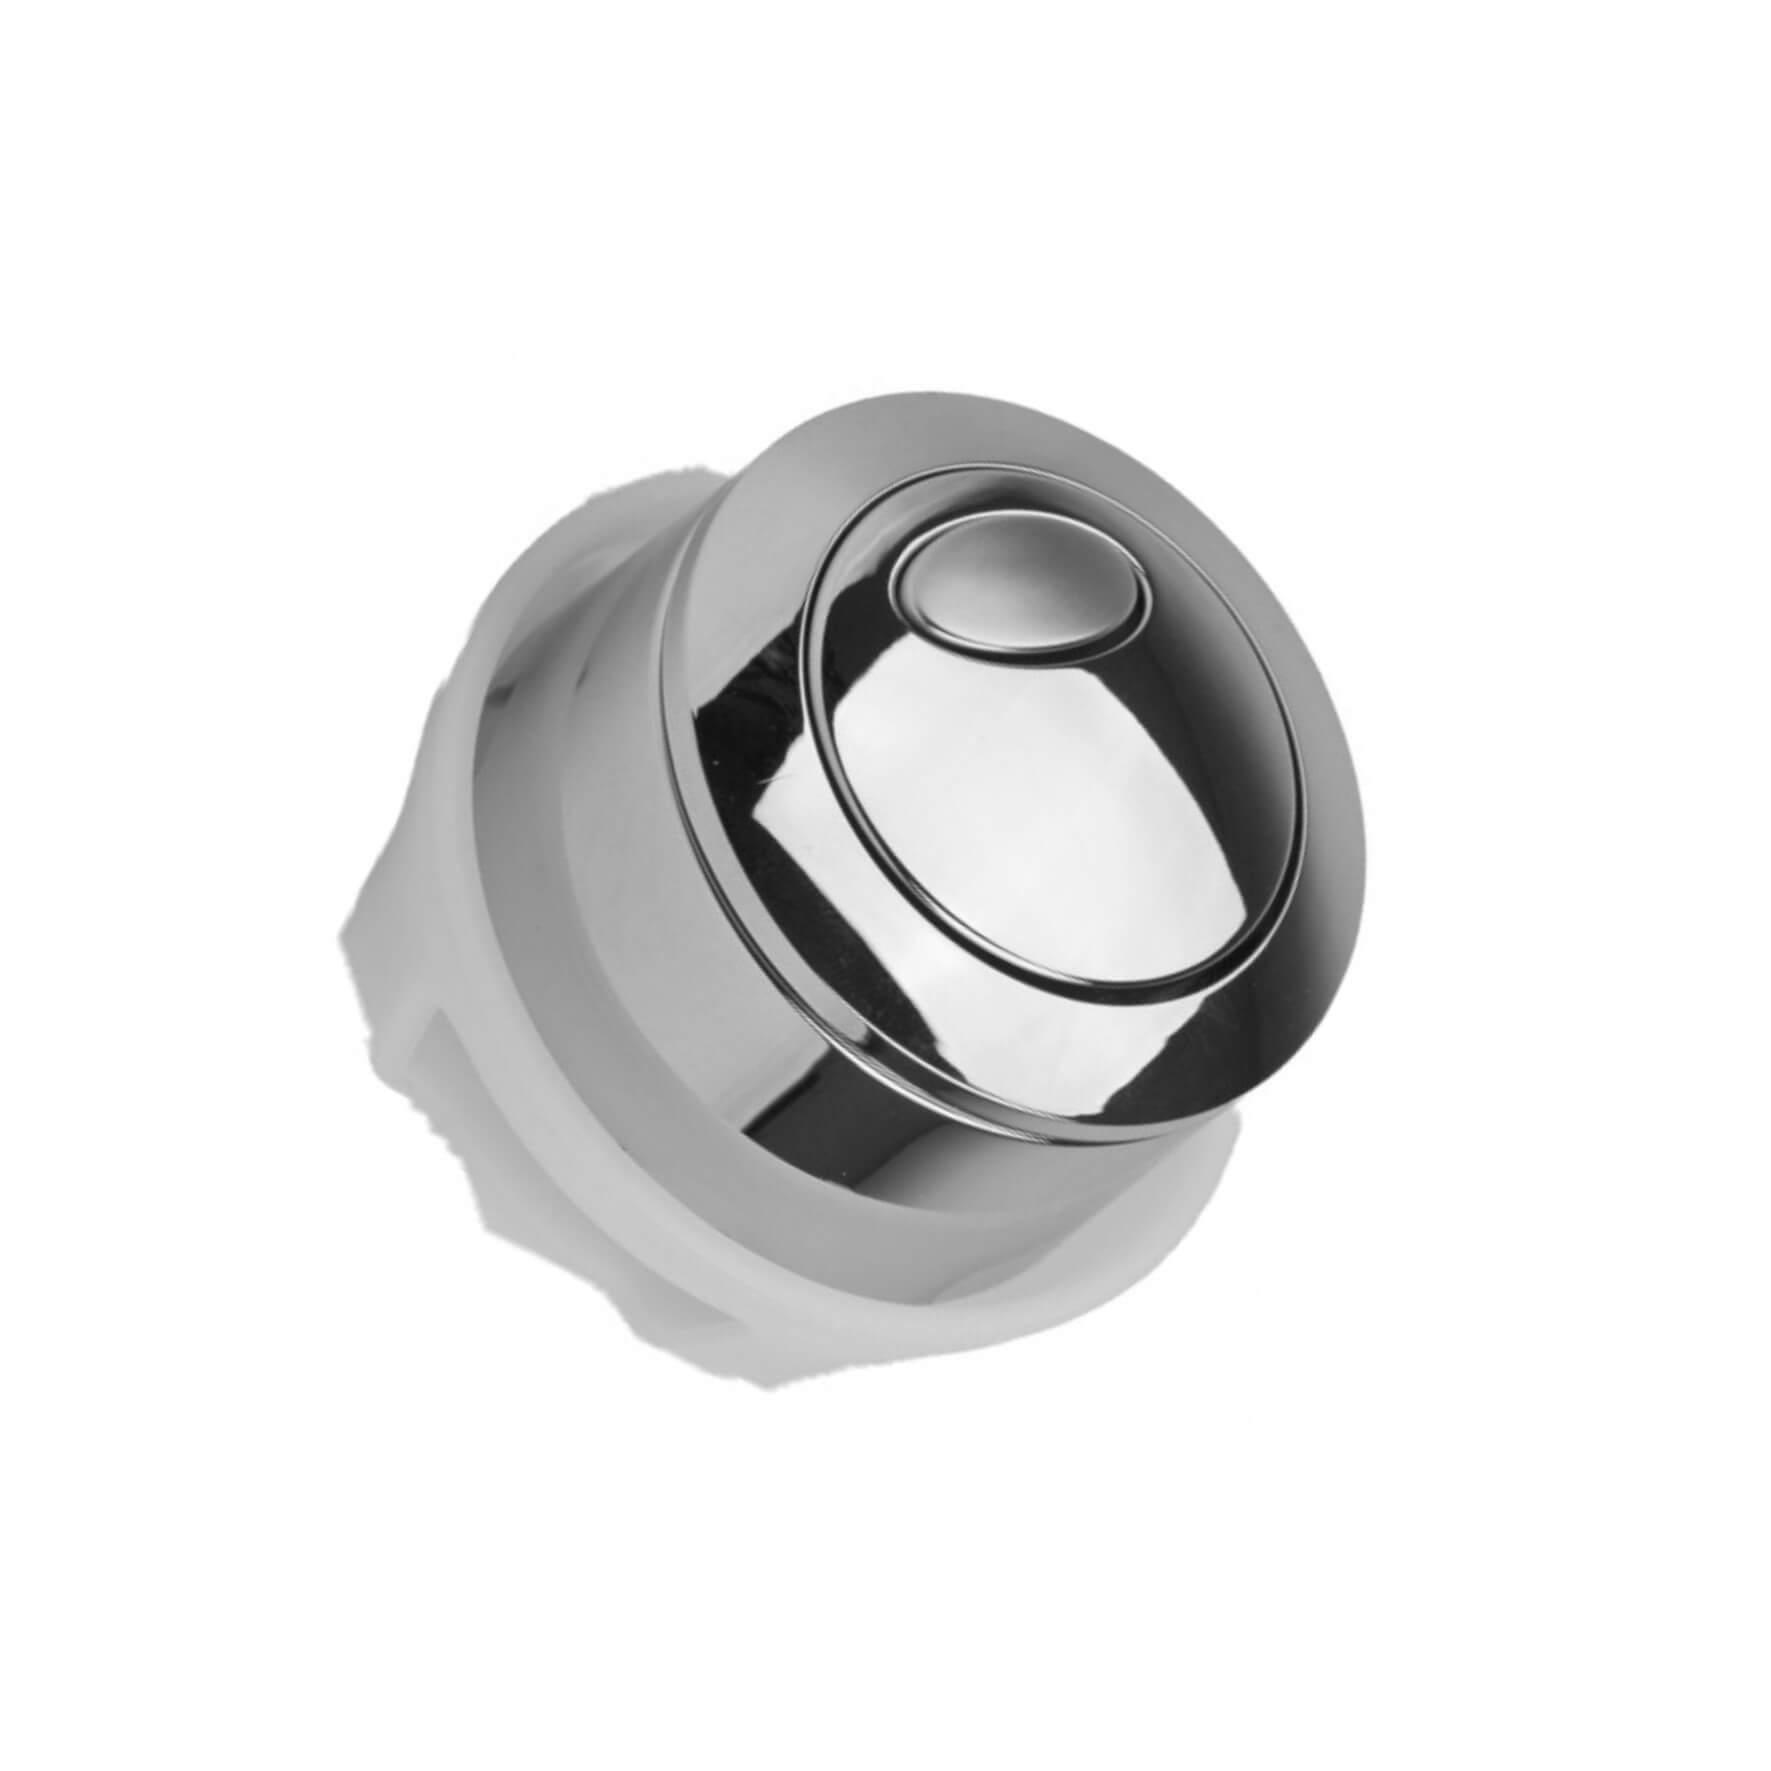 Fluidmaster Push Button C220